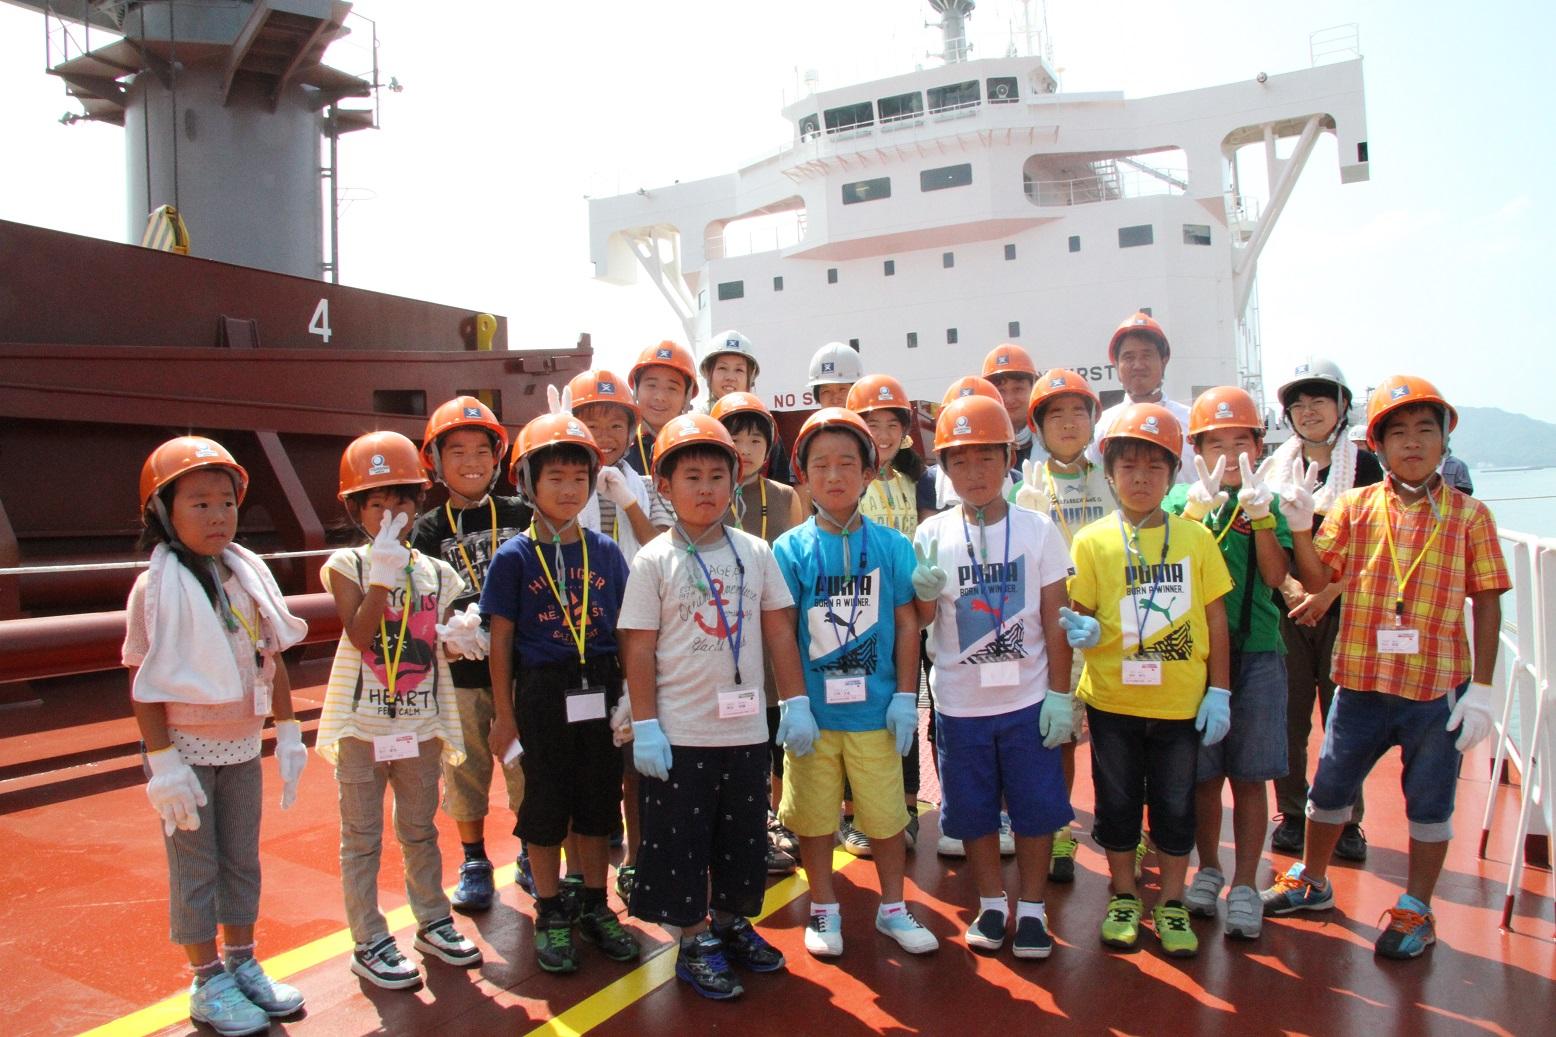 船の甲板で集合写真